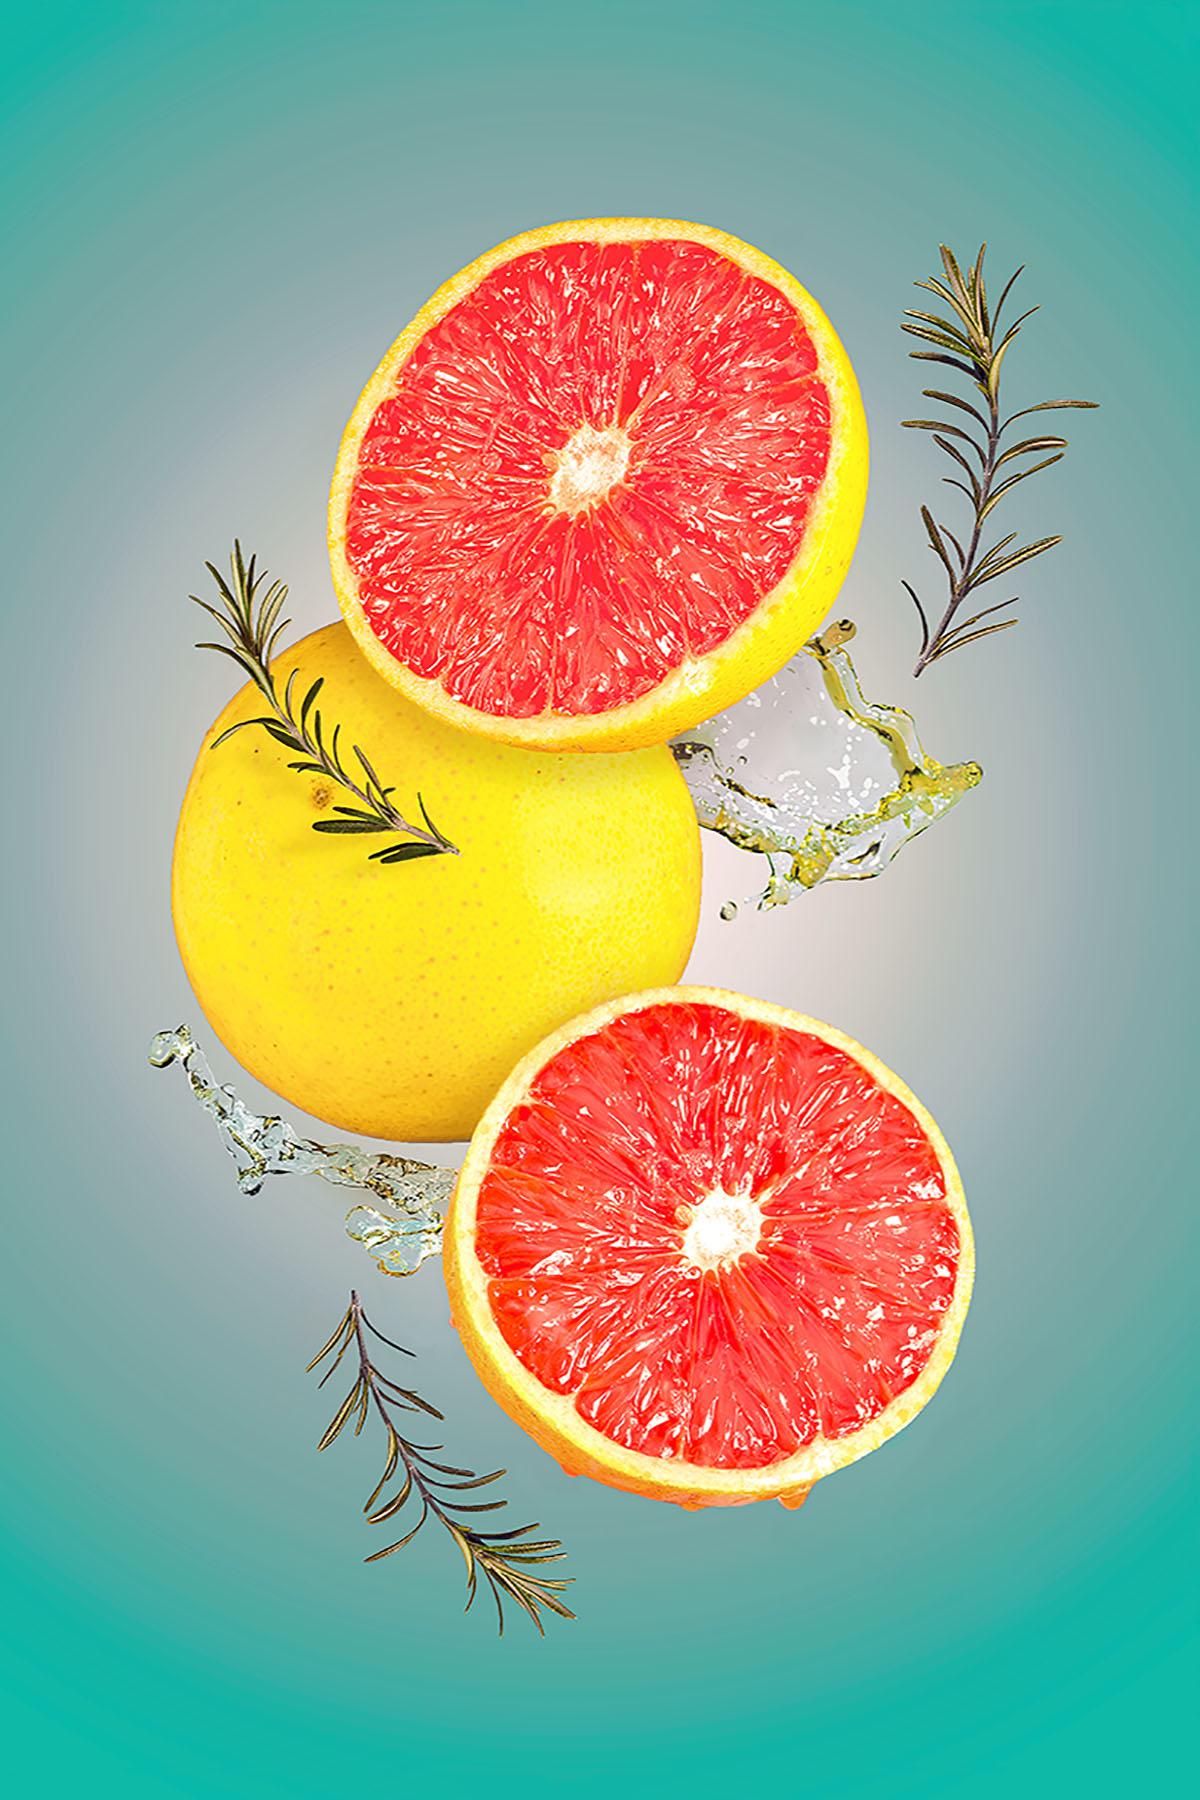 Grapefruit and Rosemary